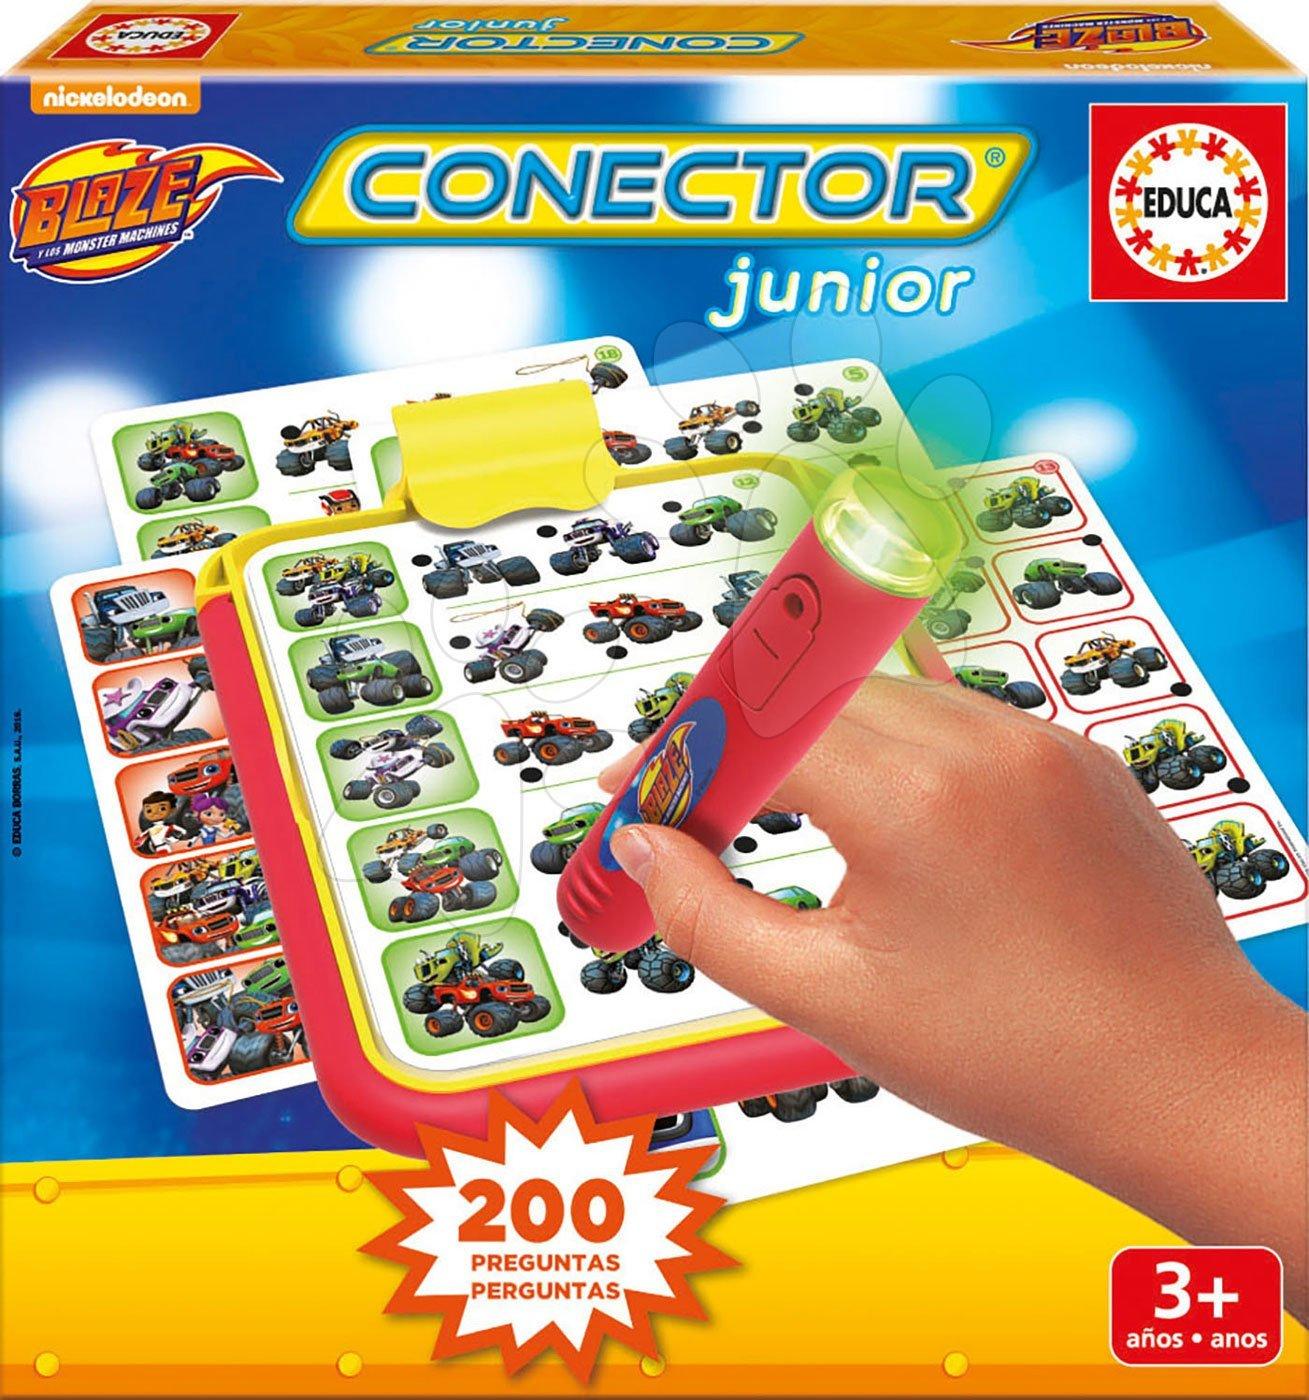 Spoločenská hra Blaze autá Conector junior Educa 40 kariet a 200 otázok a inteligentné pero